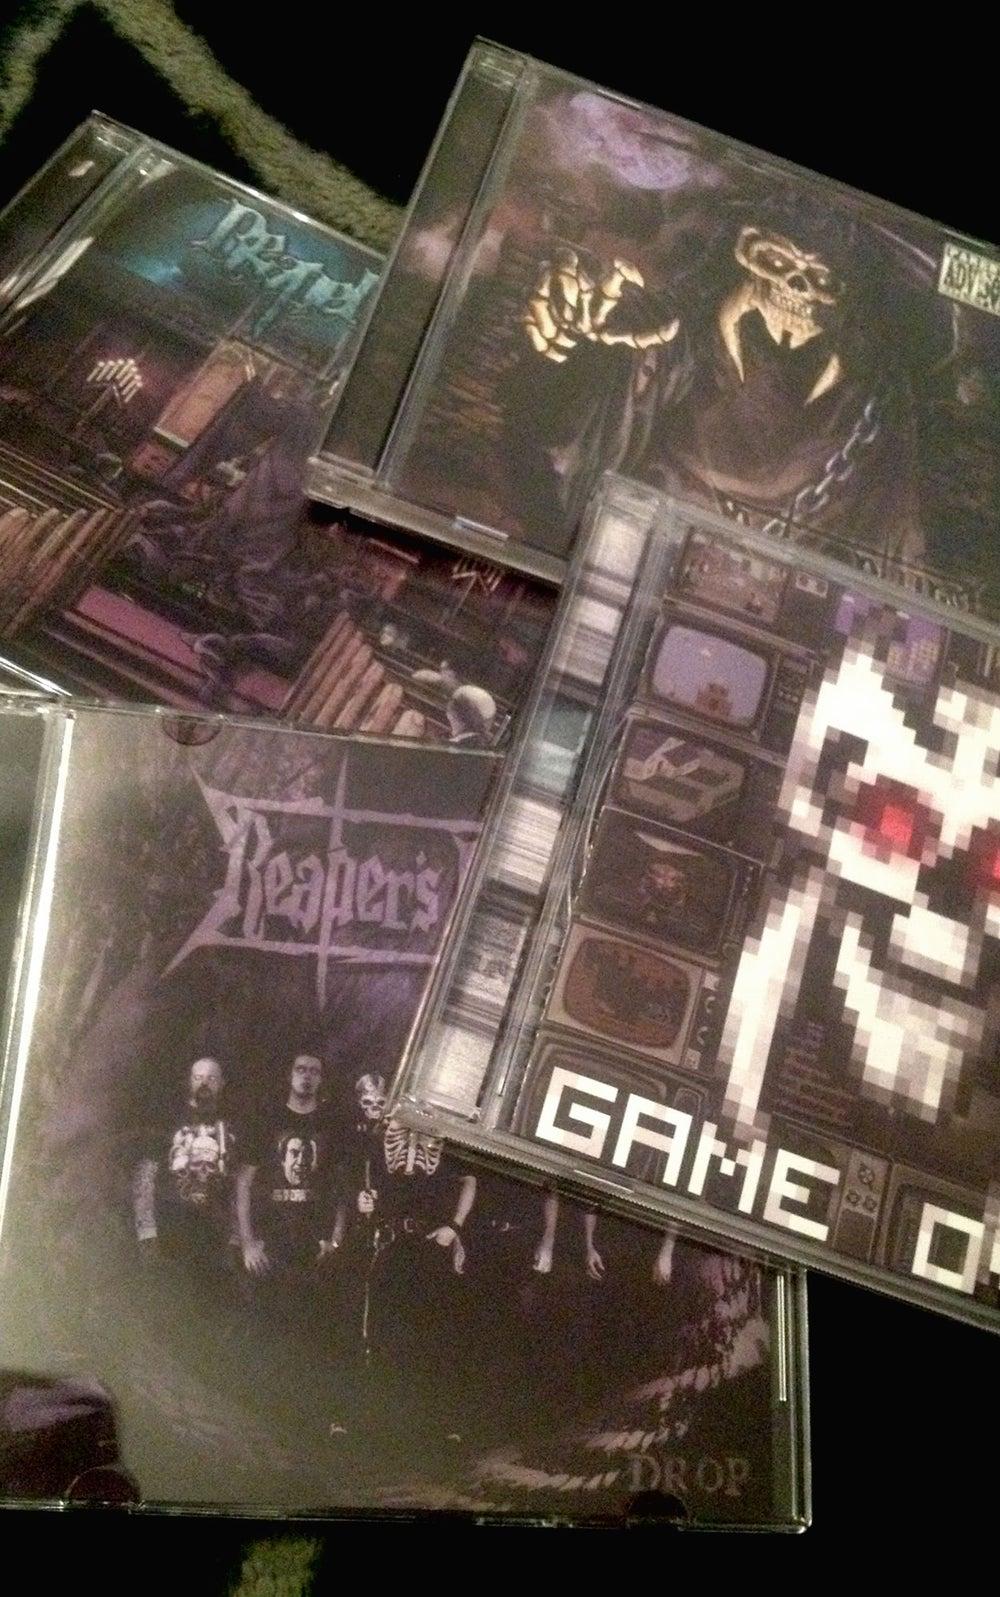 Image of 'The Big 4' Reaper CD Bundle